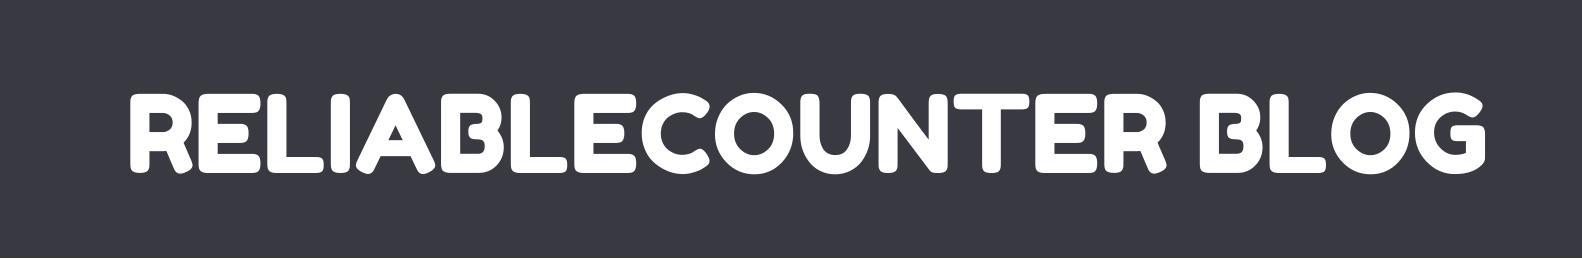 reliablecounter  blog